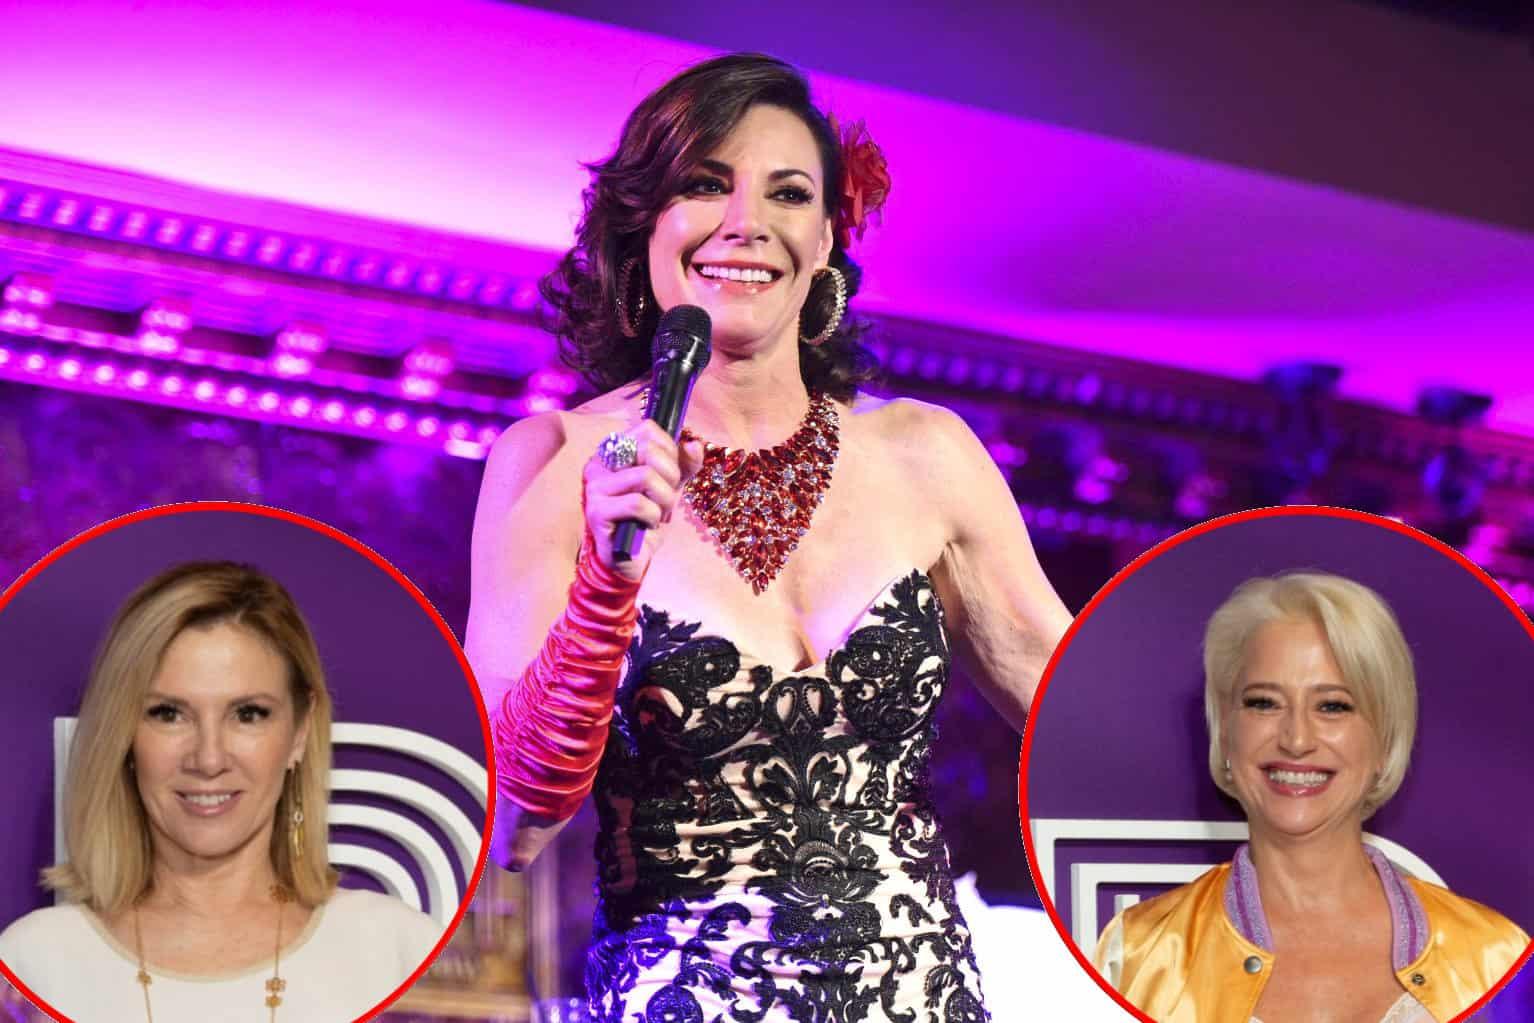 RHONY Luann de Lesseps Disses Ramona Singer and Dorinda Medley